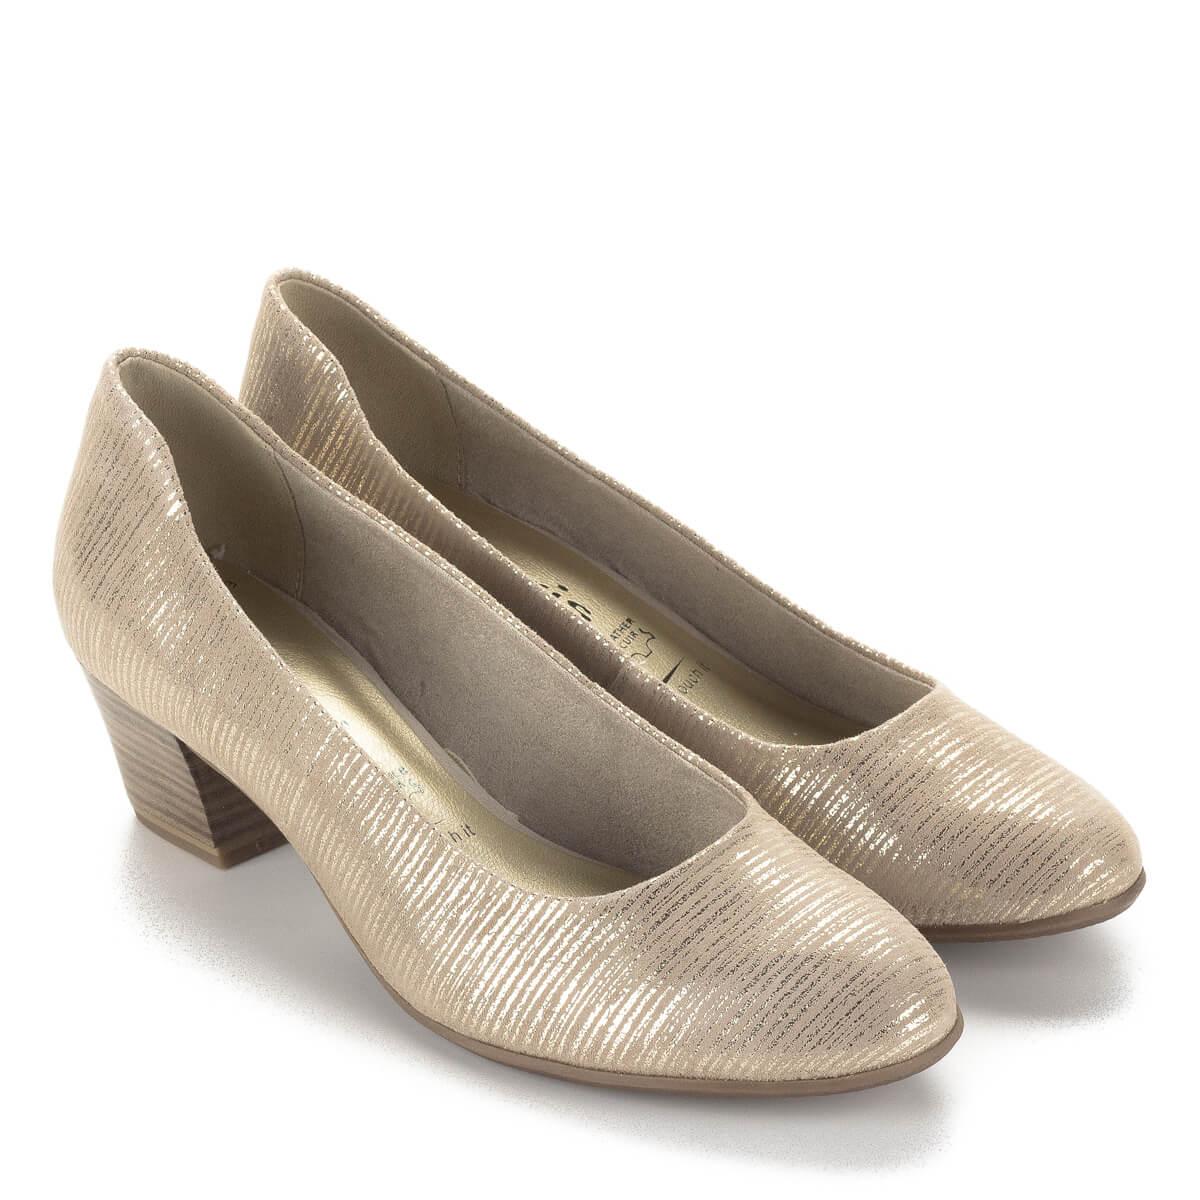 Tamaris cipő bézs arany színben 4,5 cm magas AntiShokk sarokkal